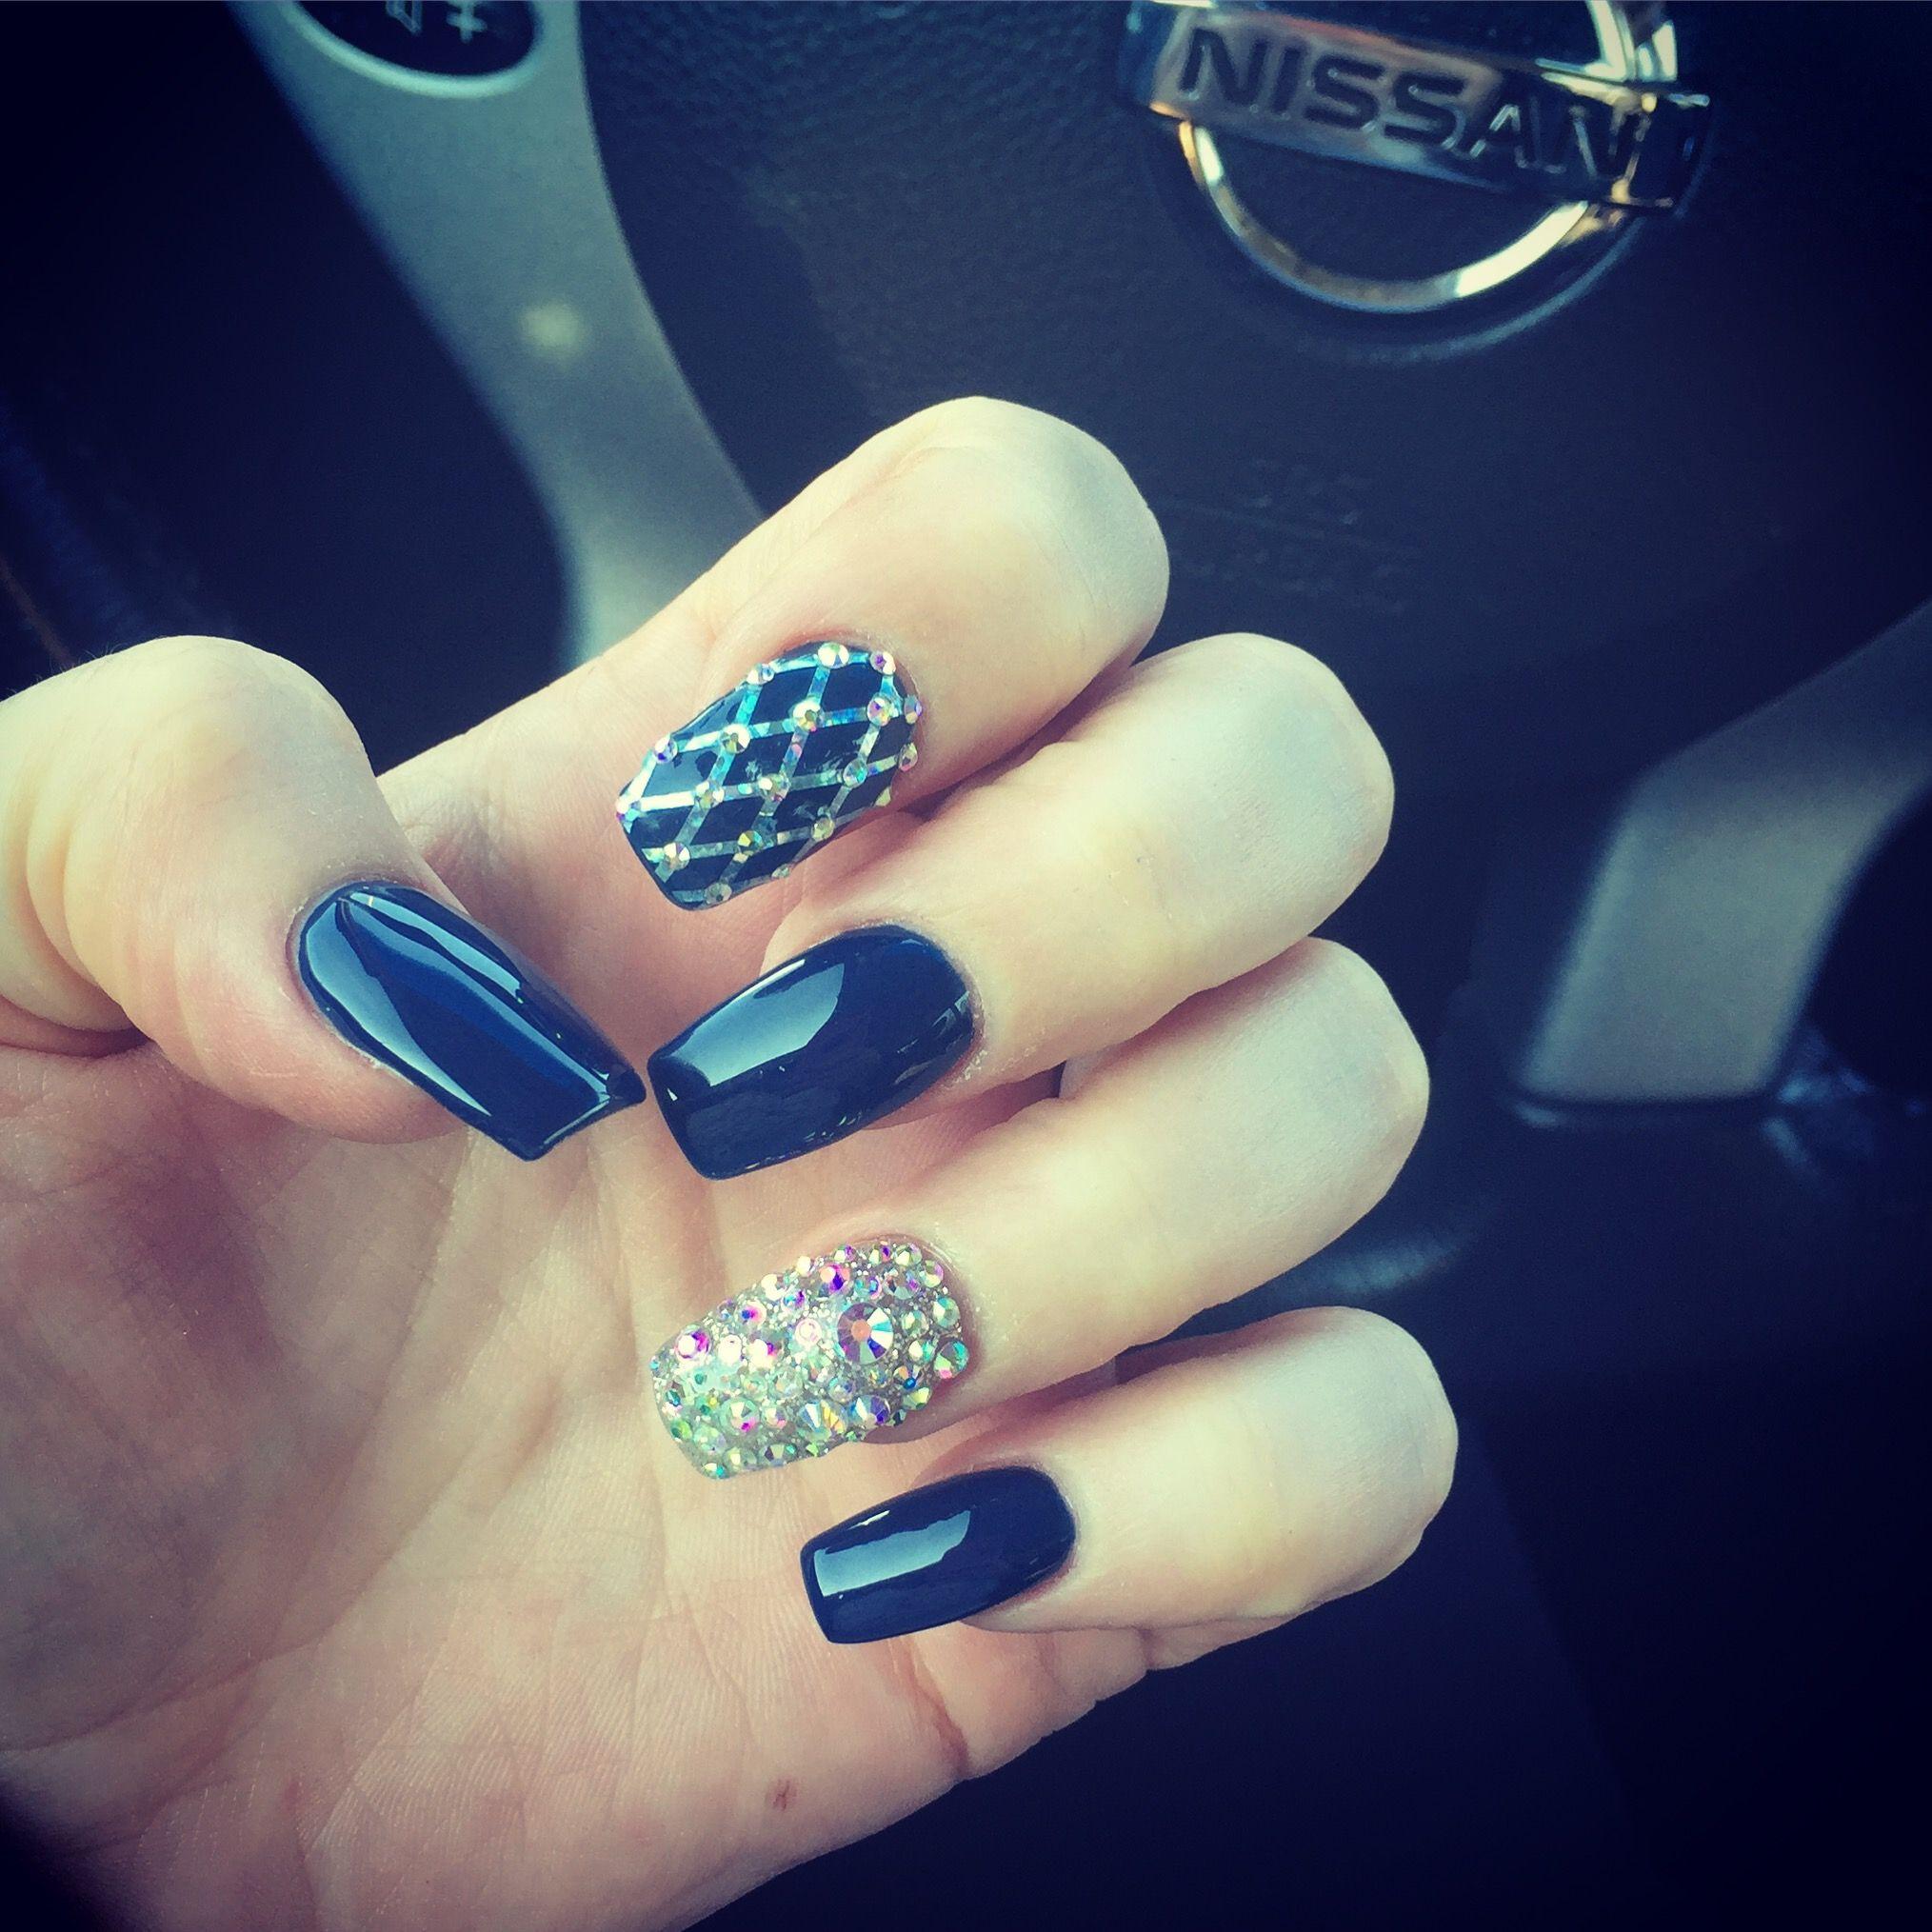 Kim\'s Nails, York PA - glitter nails | Nails | Pinterest | York pa ...